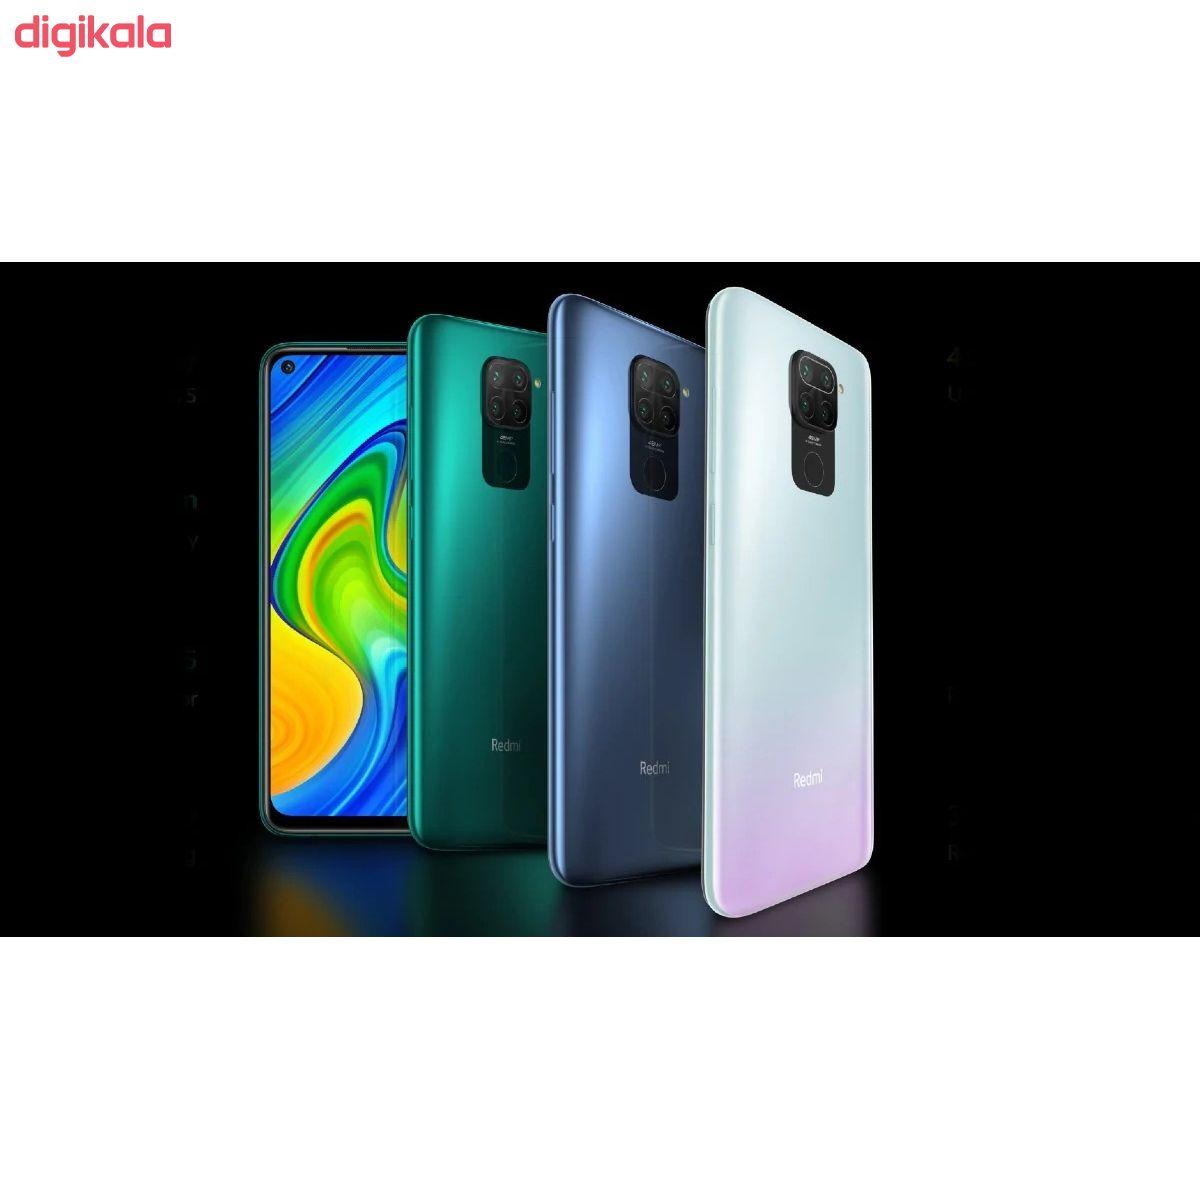 گوشی موبایل شیائومی مدل Redmi Note 9 M2003J15SS دو سیم کارت ظرفیت 64 گیگابایت main 1 3